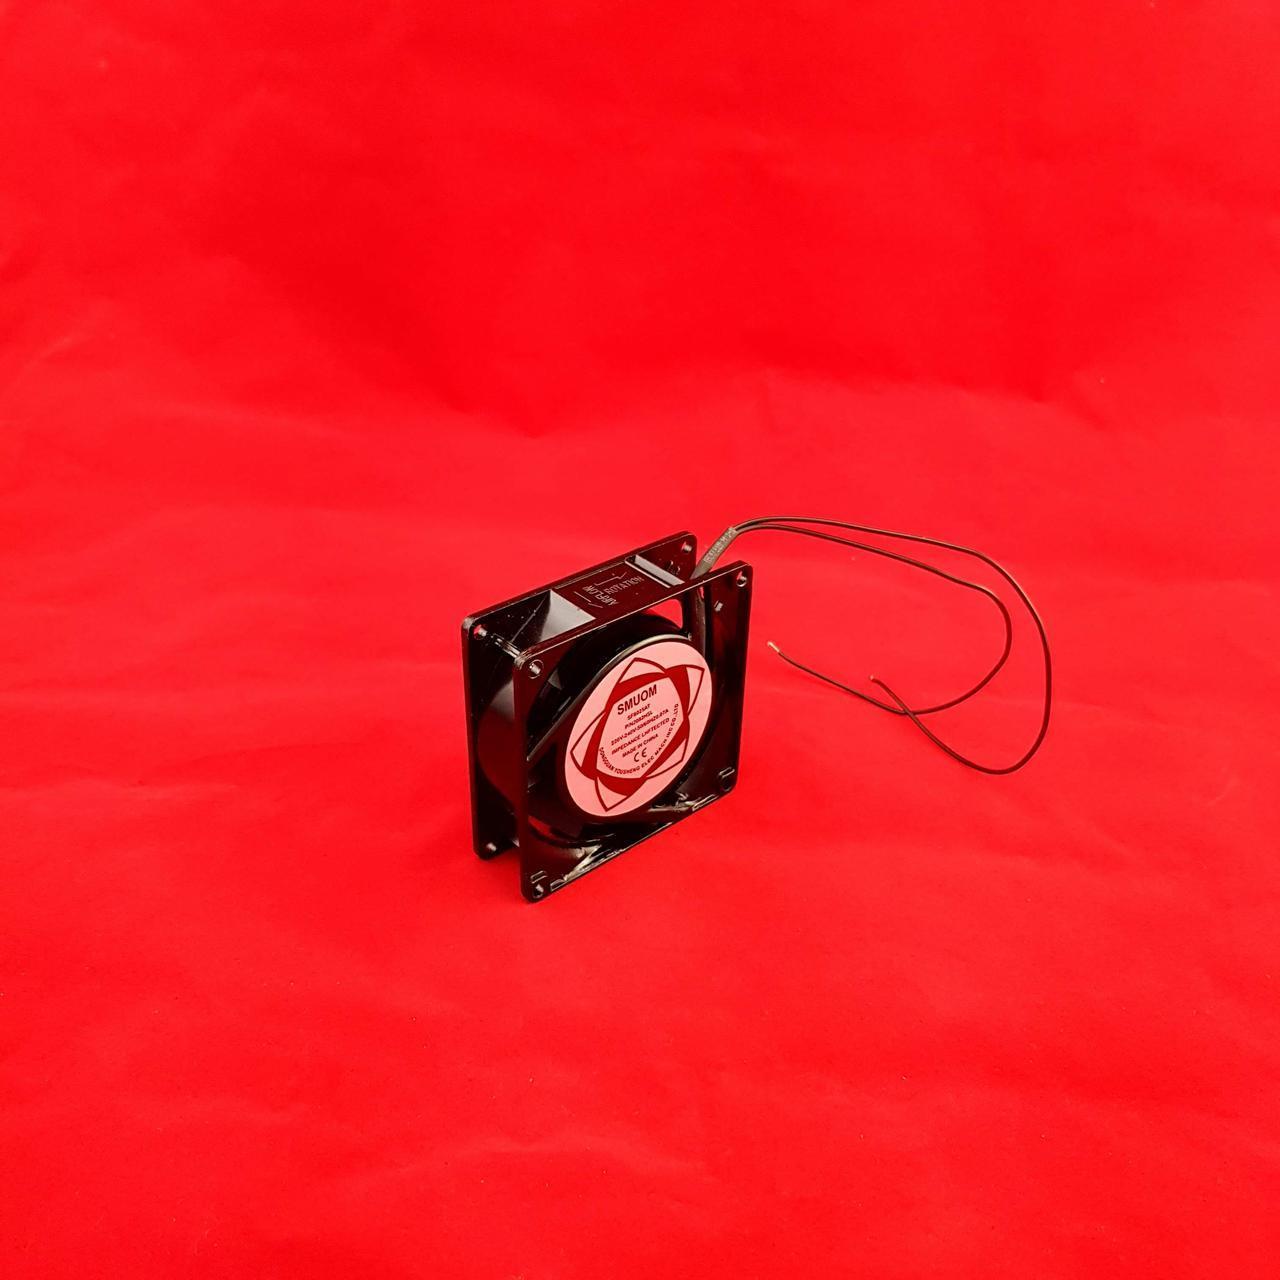 Осьовий вентилятор корпусних 80х80х25мм 220 Вольт SF8025AT